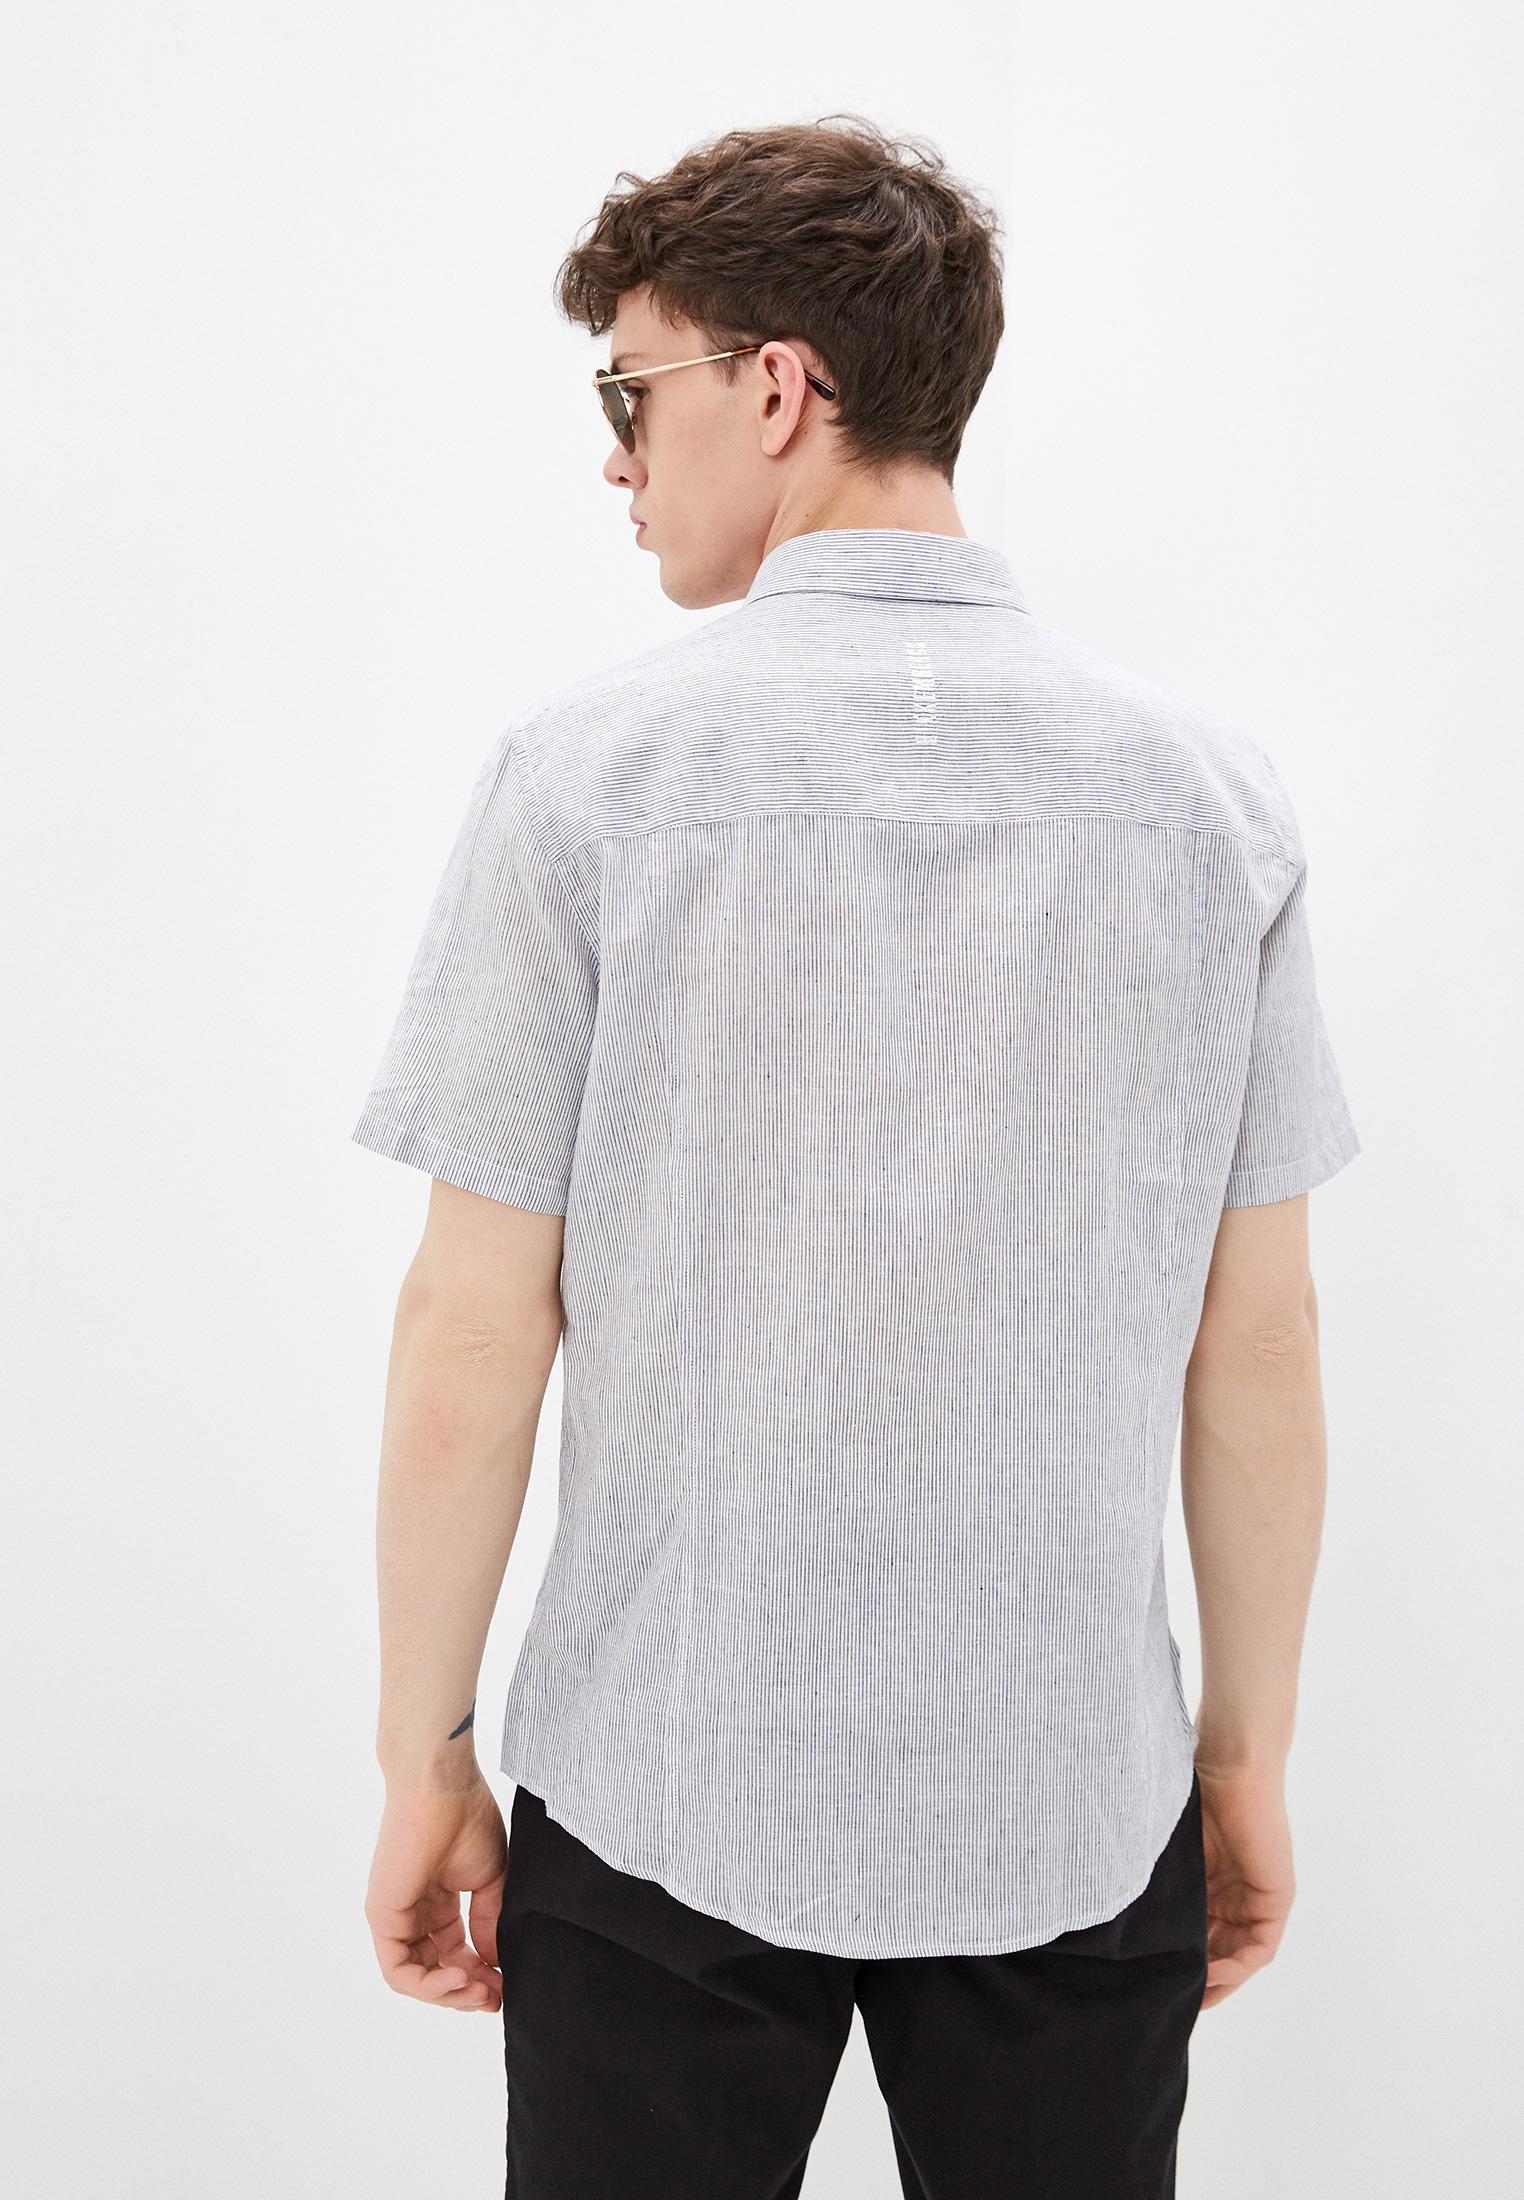 Рубашка с коротким рукавом Bikkembergs (Биккембергс) C C 026 04 T 9756: изображение 4